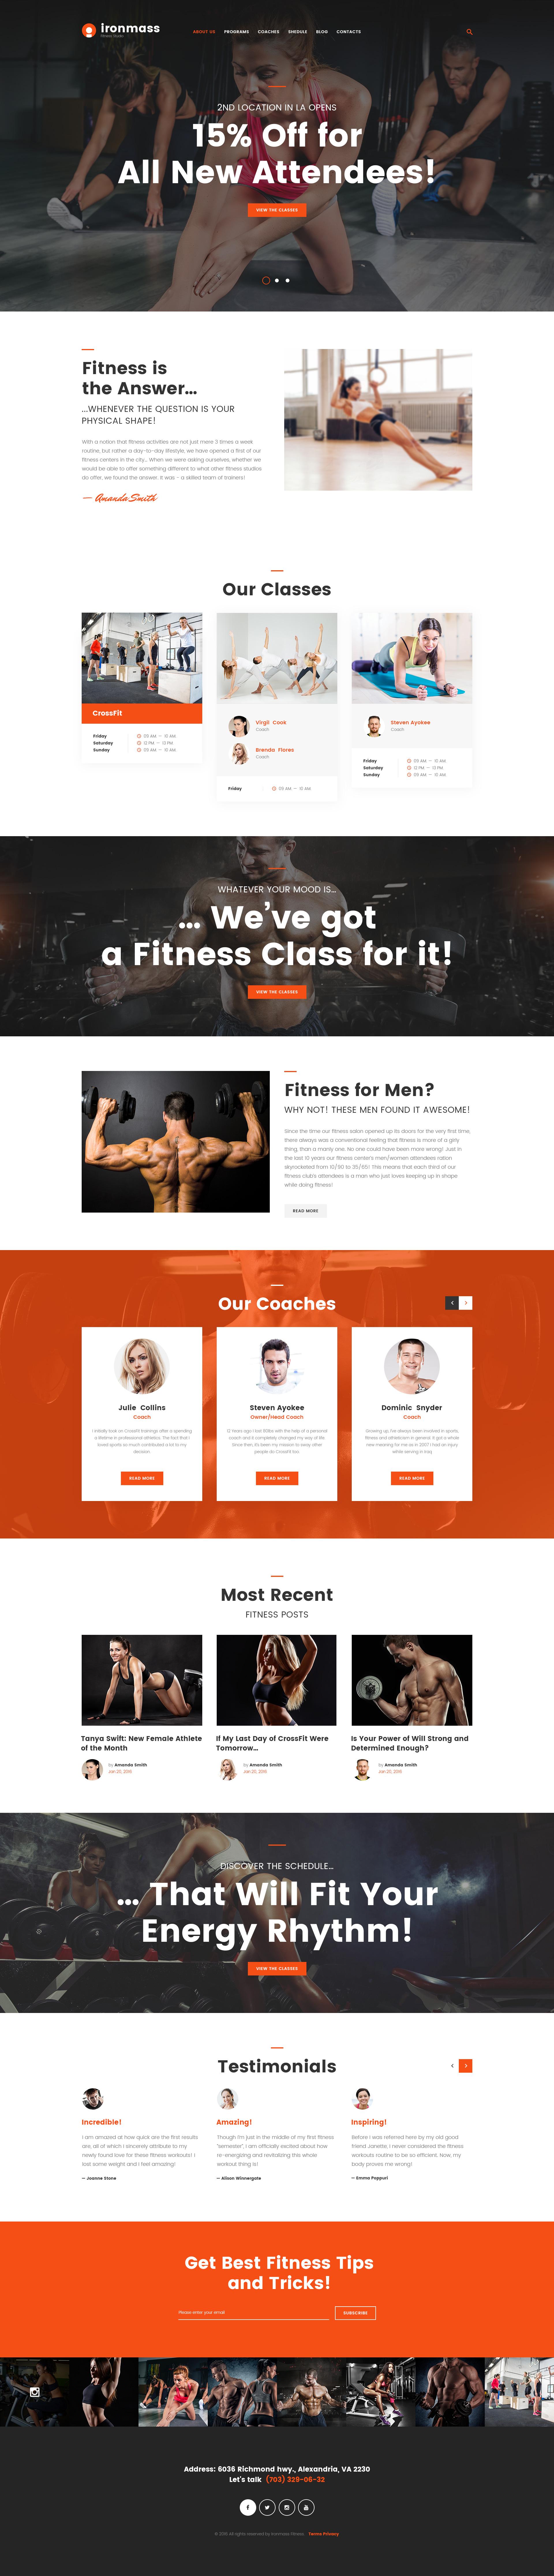 Responsive IronMass - Çok Sayfalı Fitness Merkezi Web Sitesi #62271 - Ekran resmi